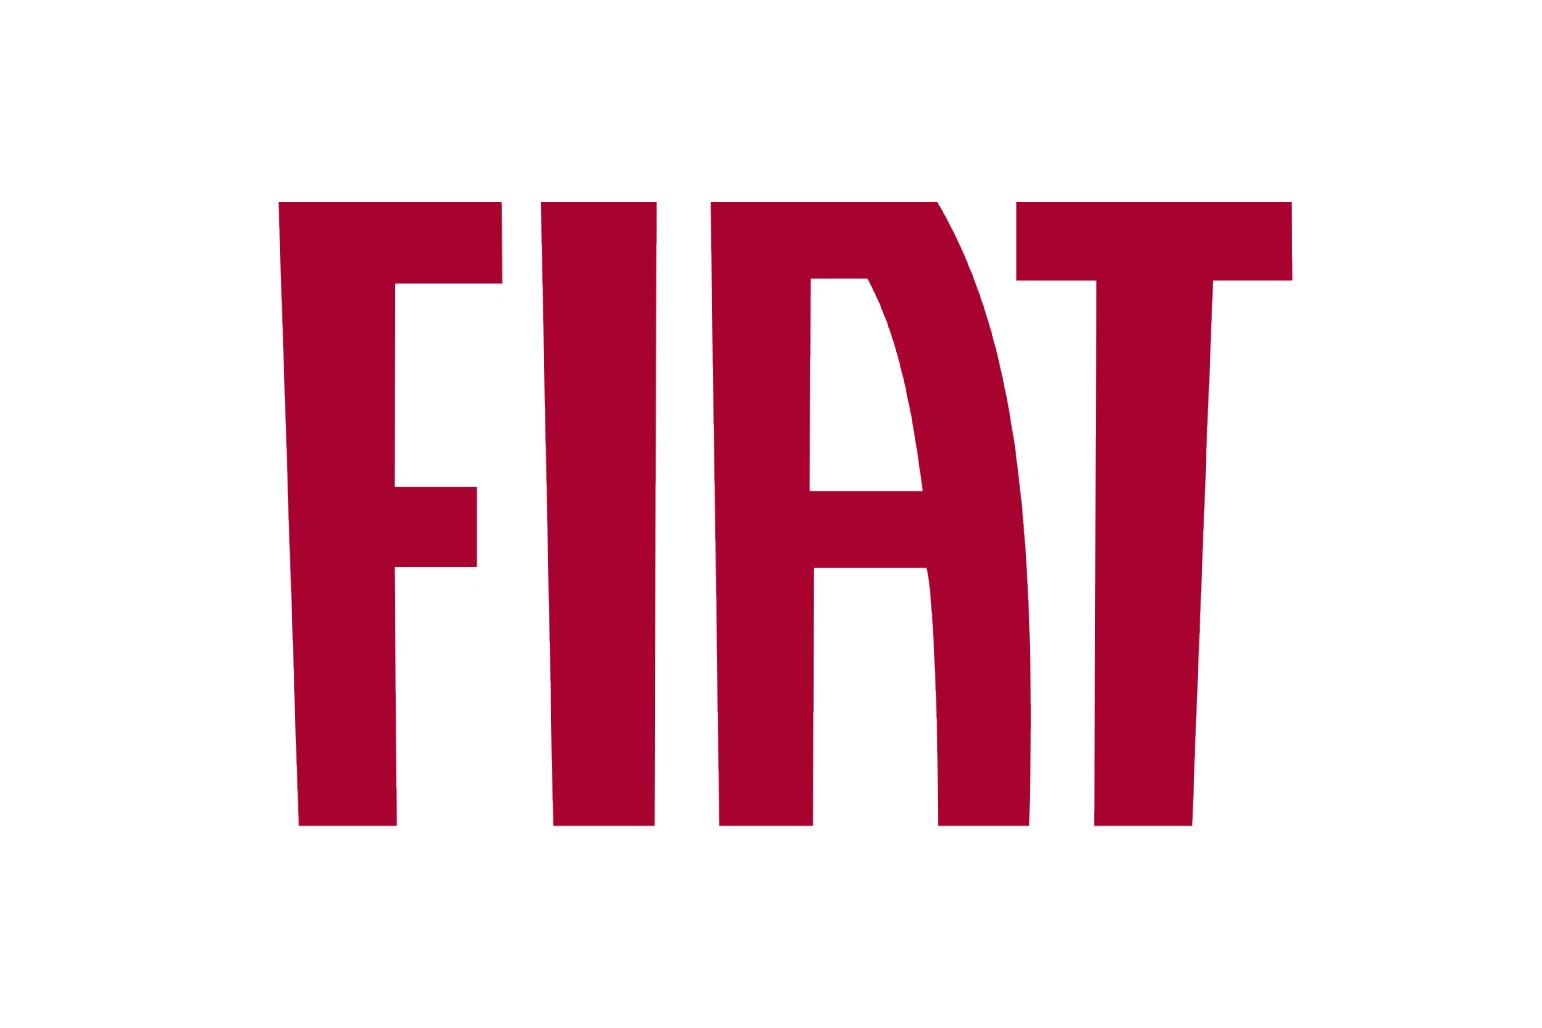 Logos_FIAT.png